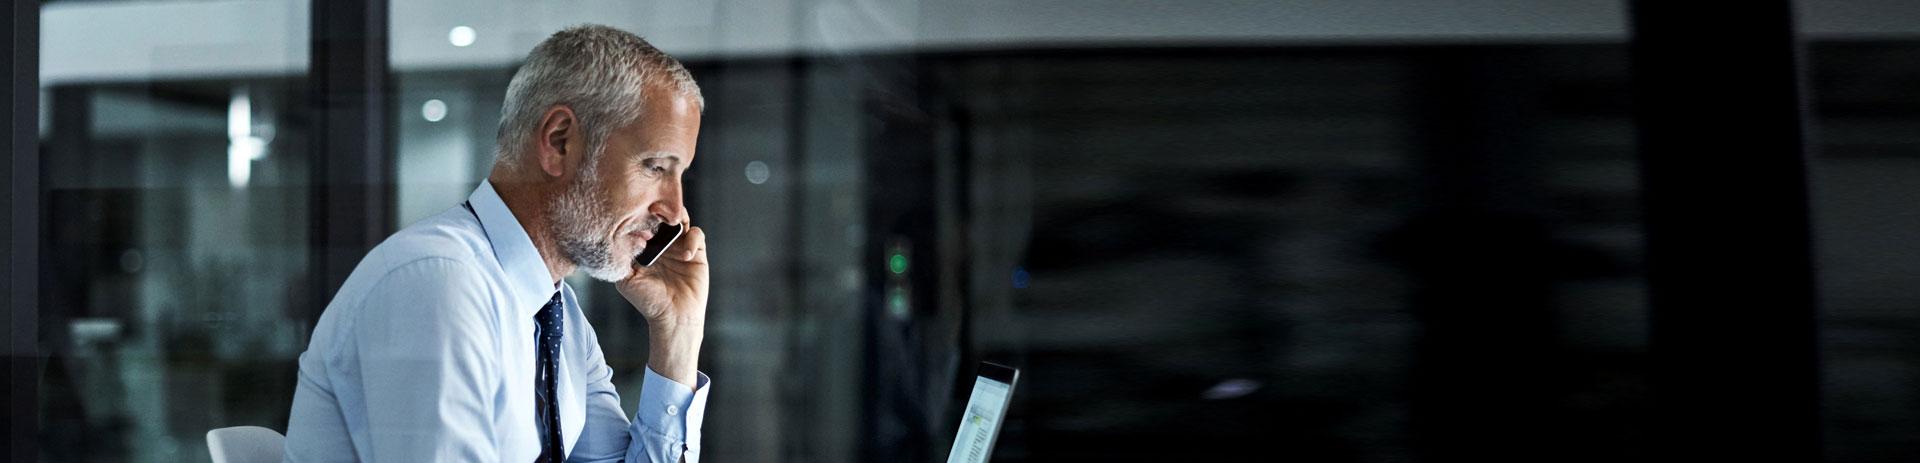 Mann sitzt seitlich vor Bildschirm und telefoniert gleichzeitig mit Smartphone.